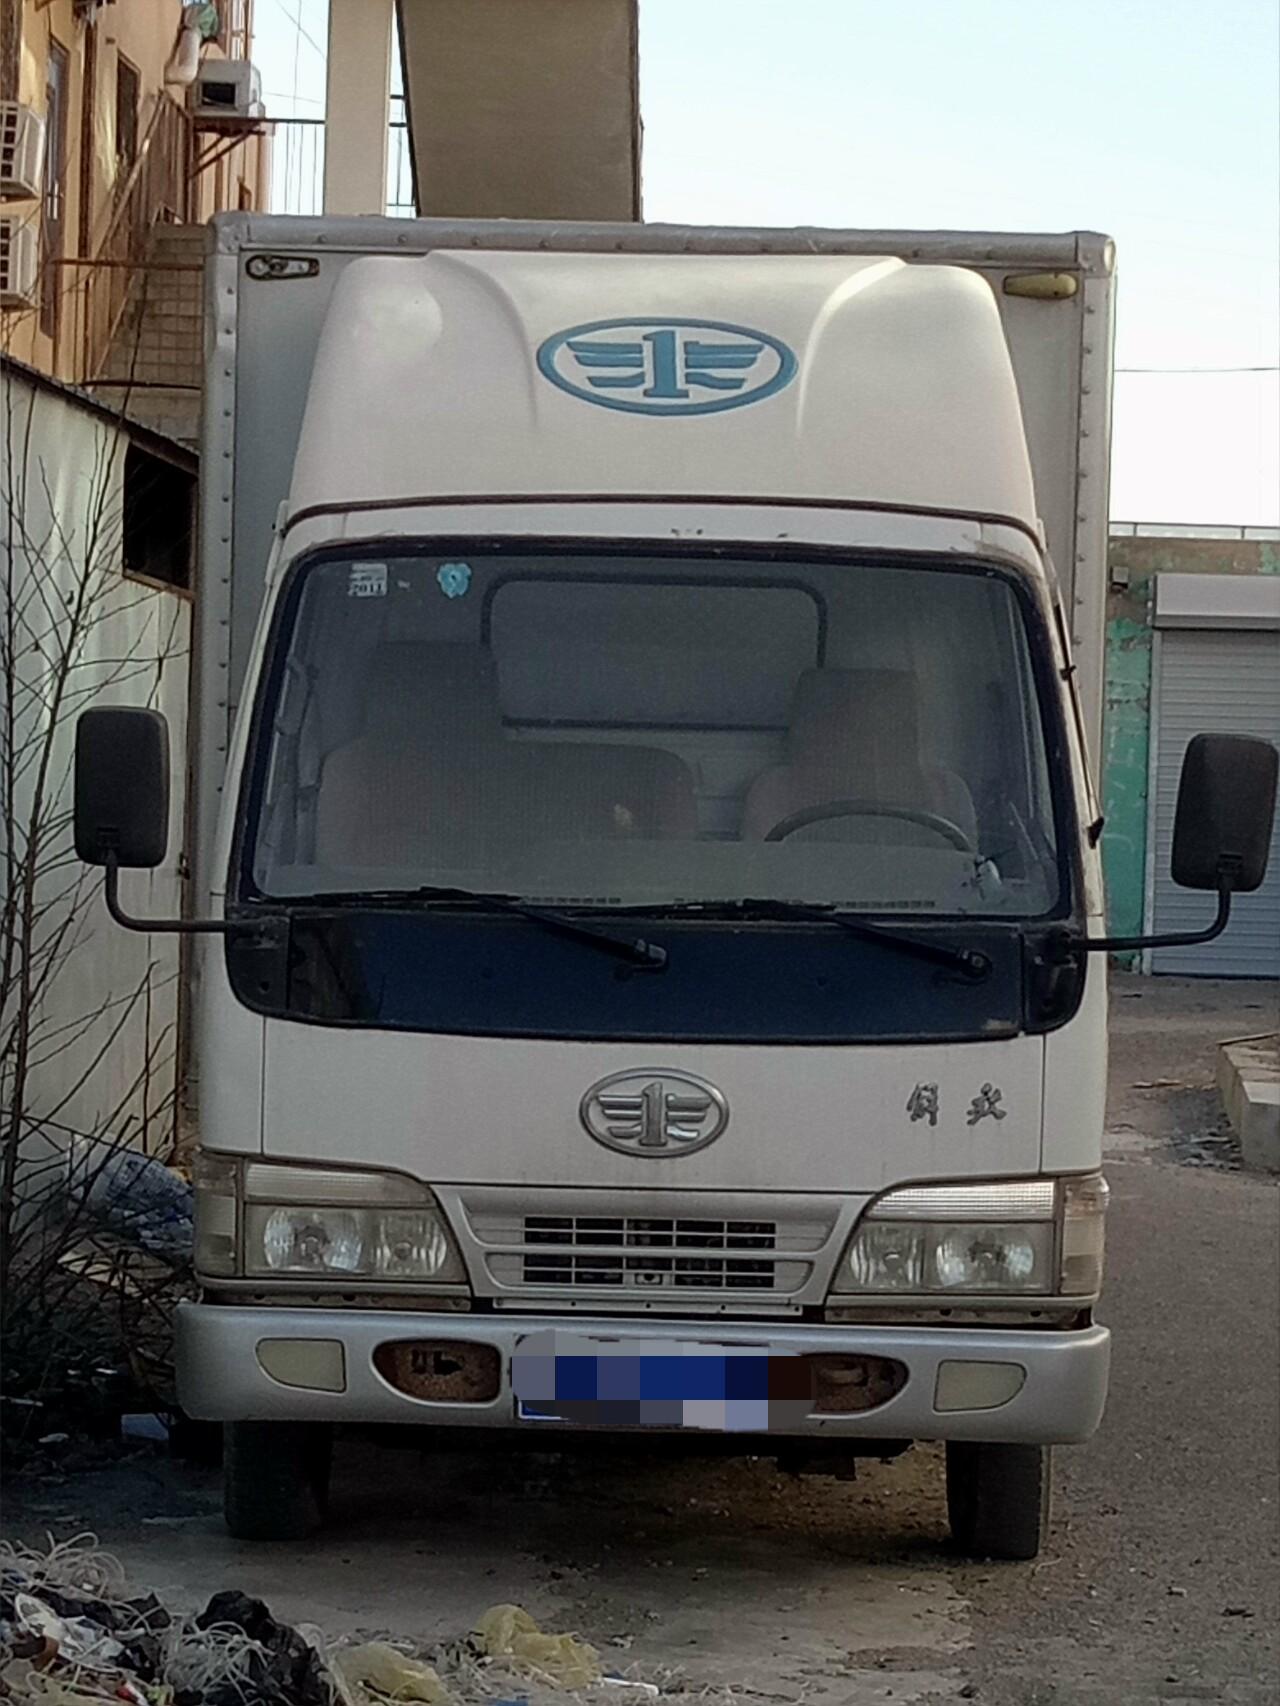 小型冷藏车-长安小型冷藏货车报价及图片_易车号-易车网